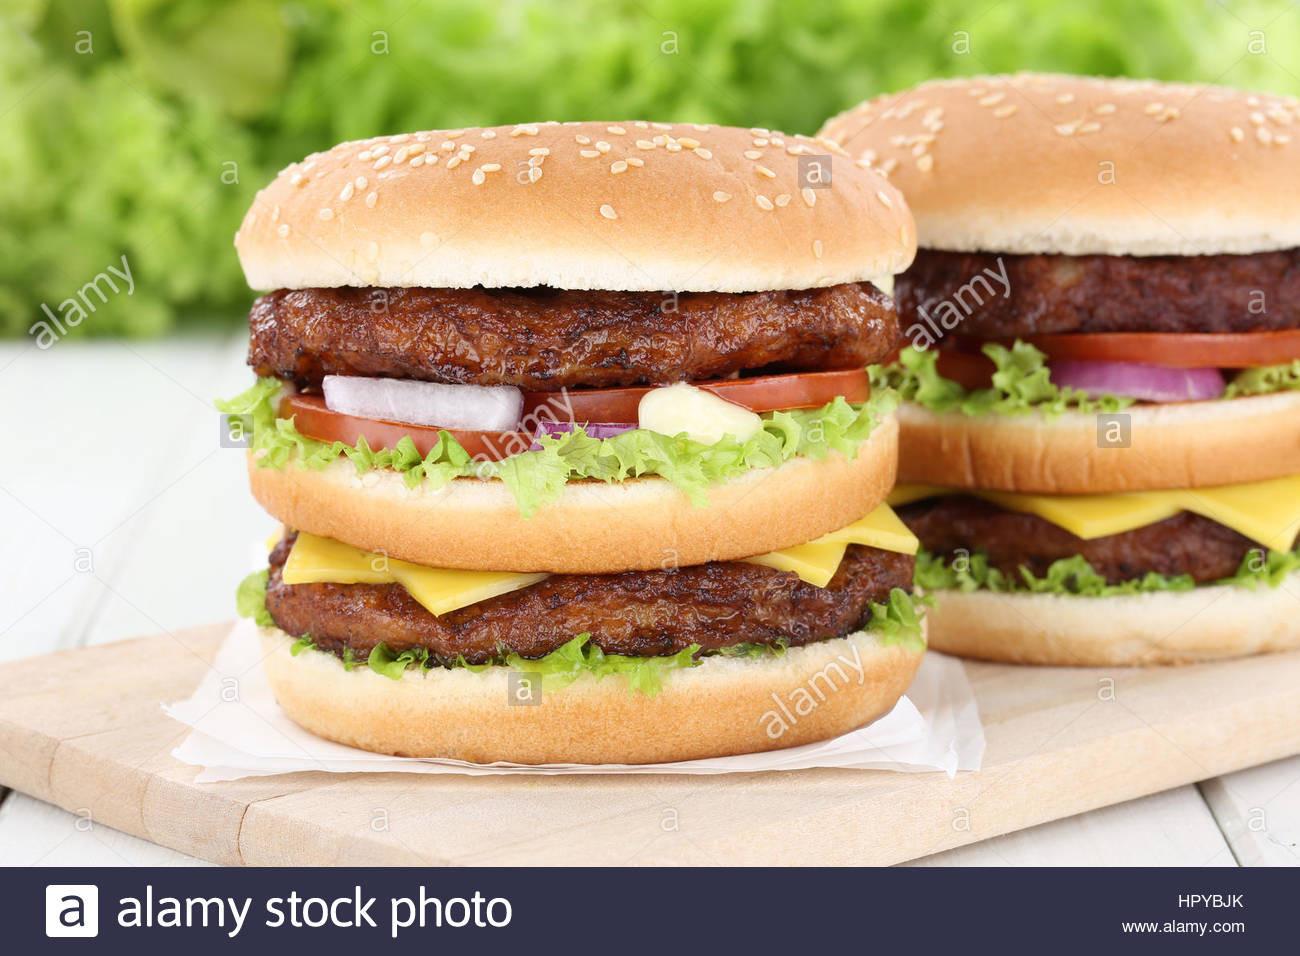 Are Hamburgers Unhealthy  Double burger hamburger tomatoes cheese unhealthy eating